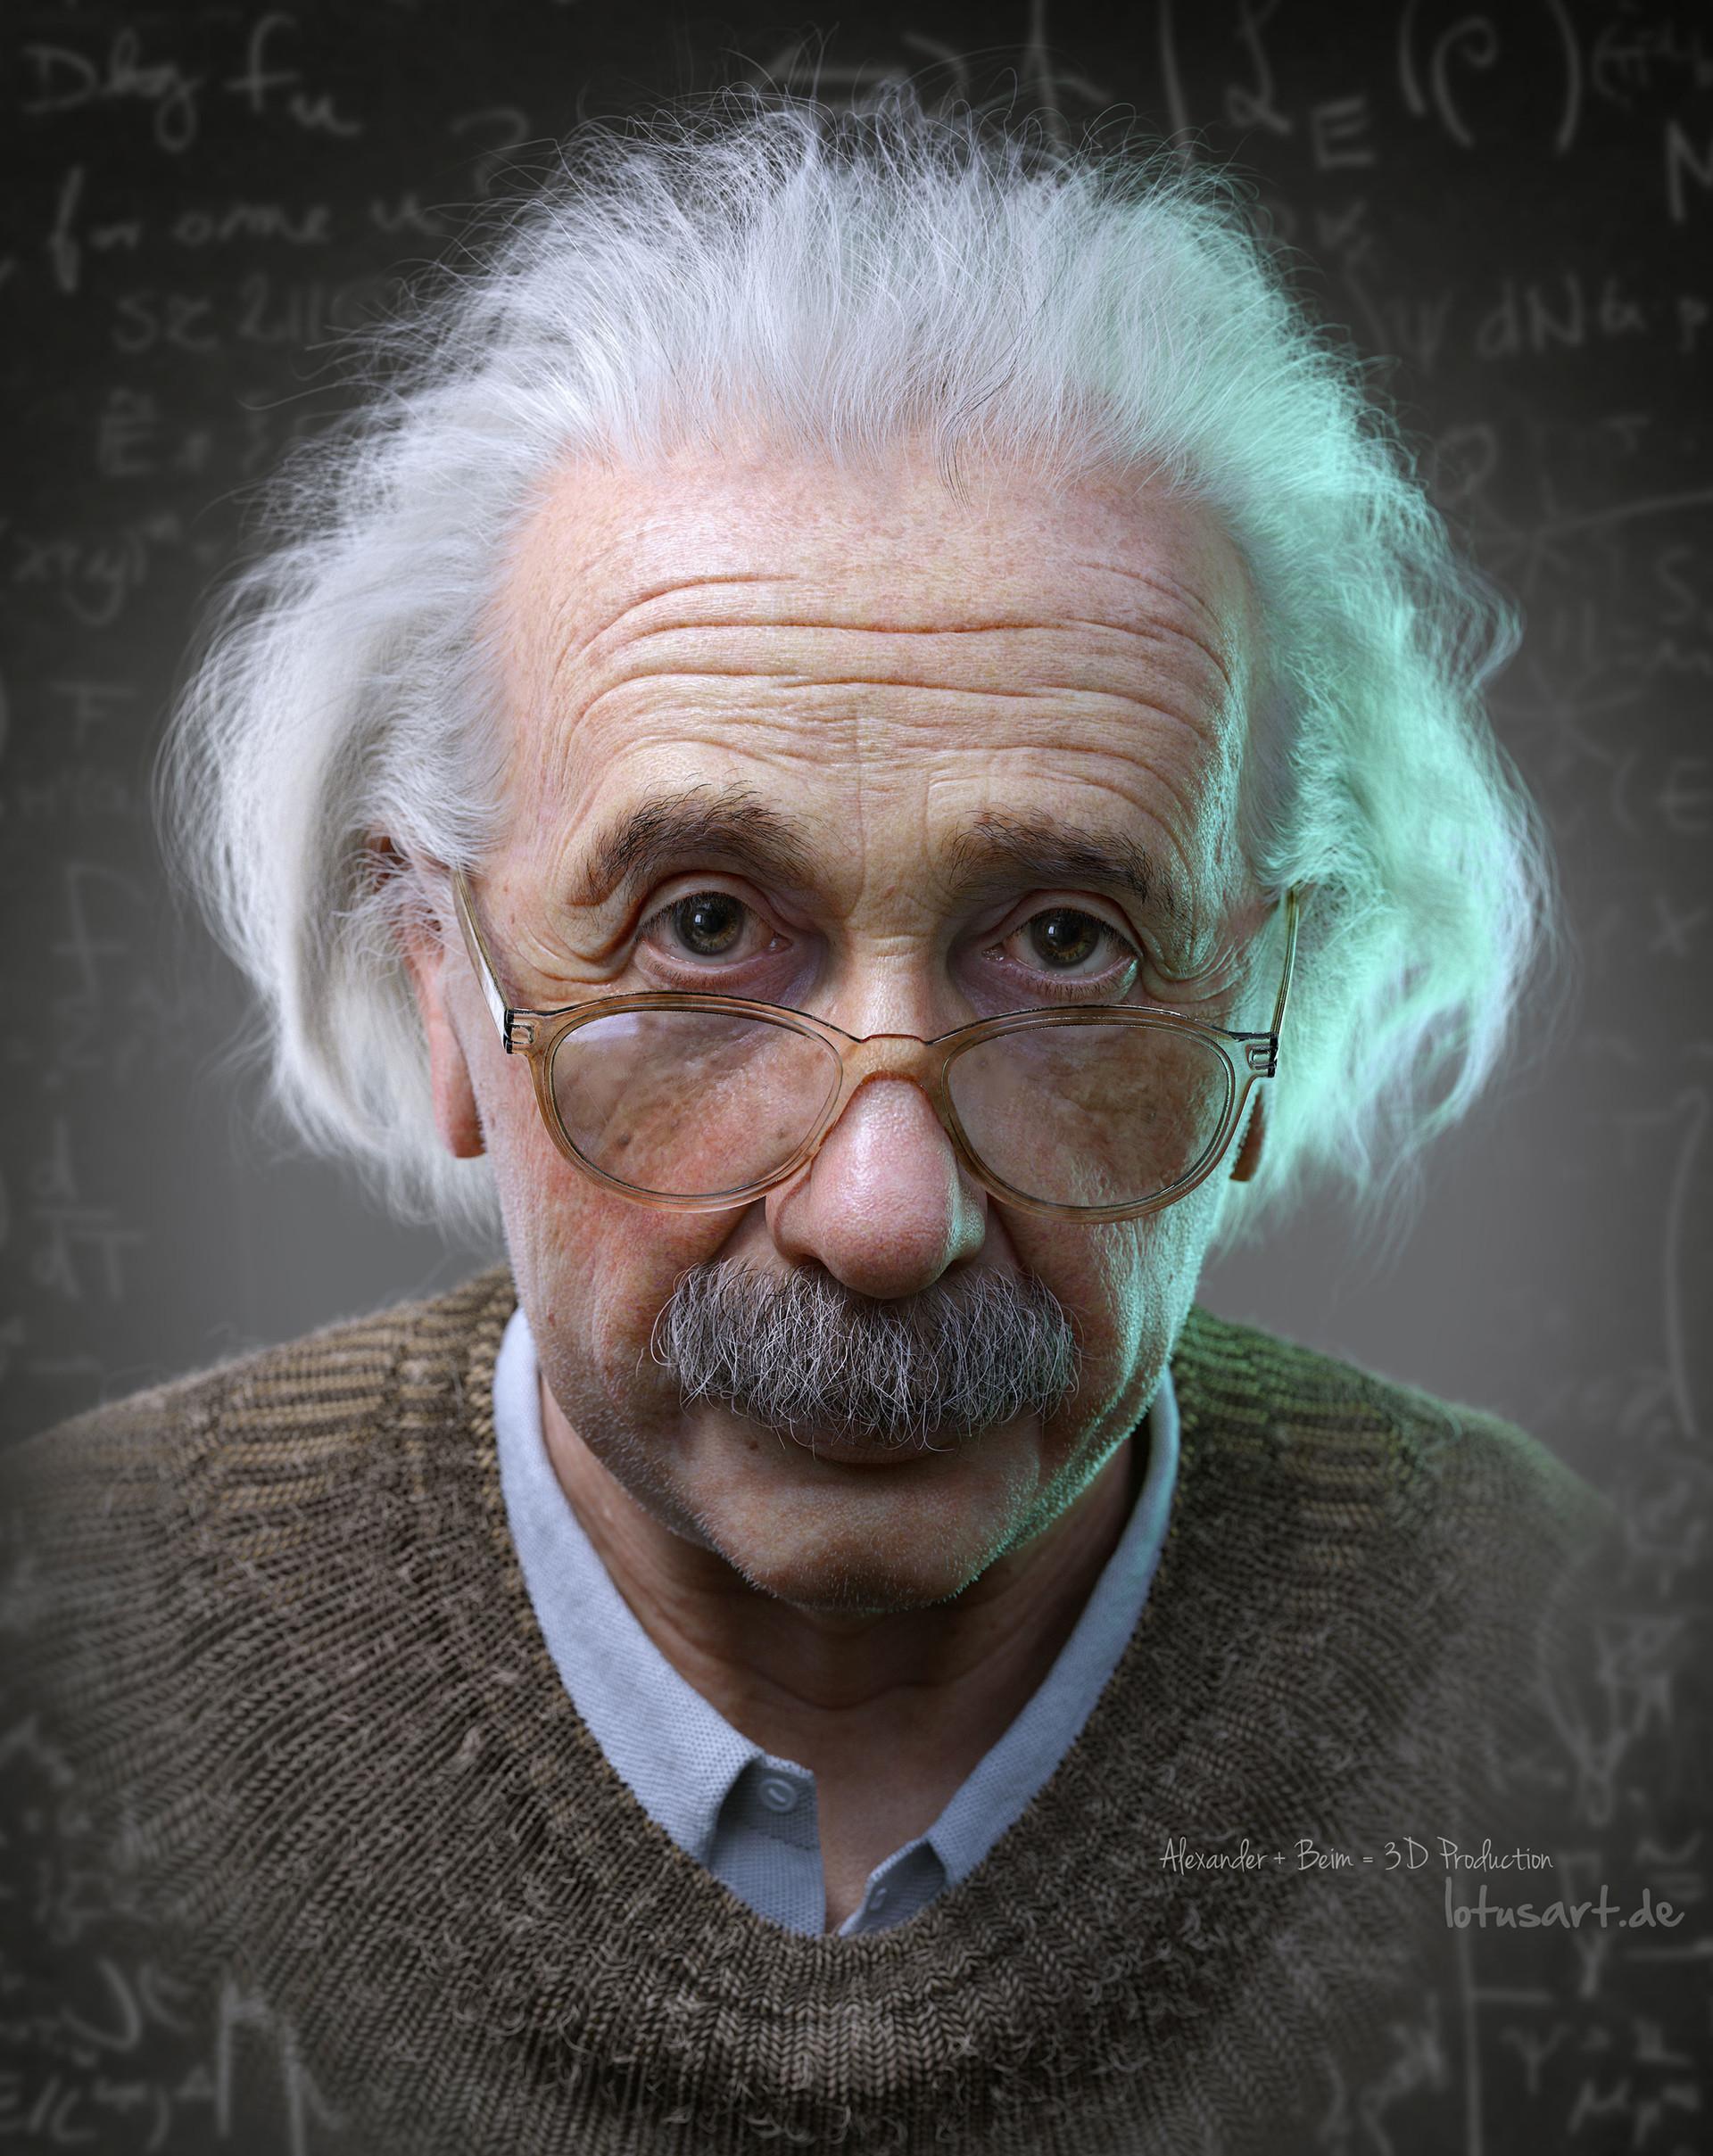 ArtStation - Albert Einstein 3D Portrait for a Hologram, Alexander Beim